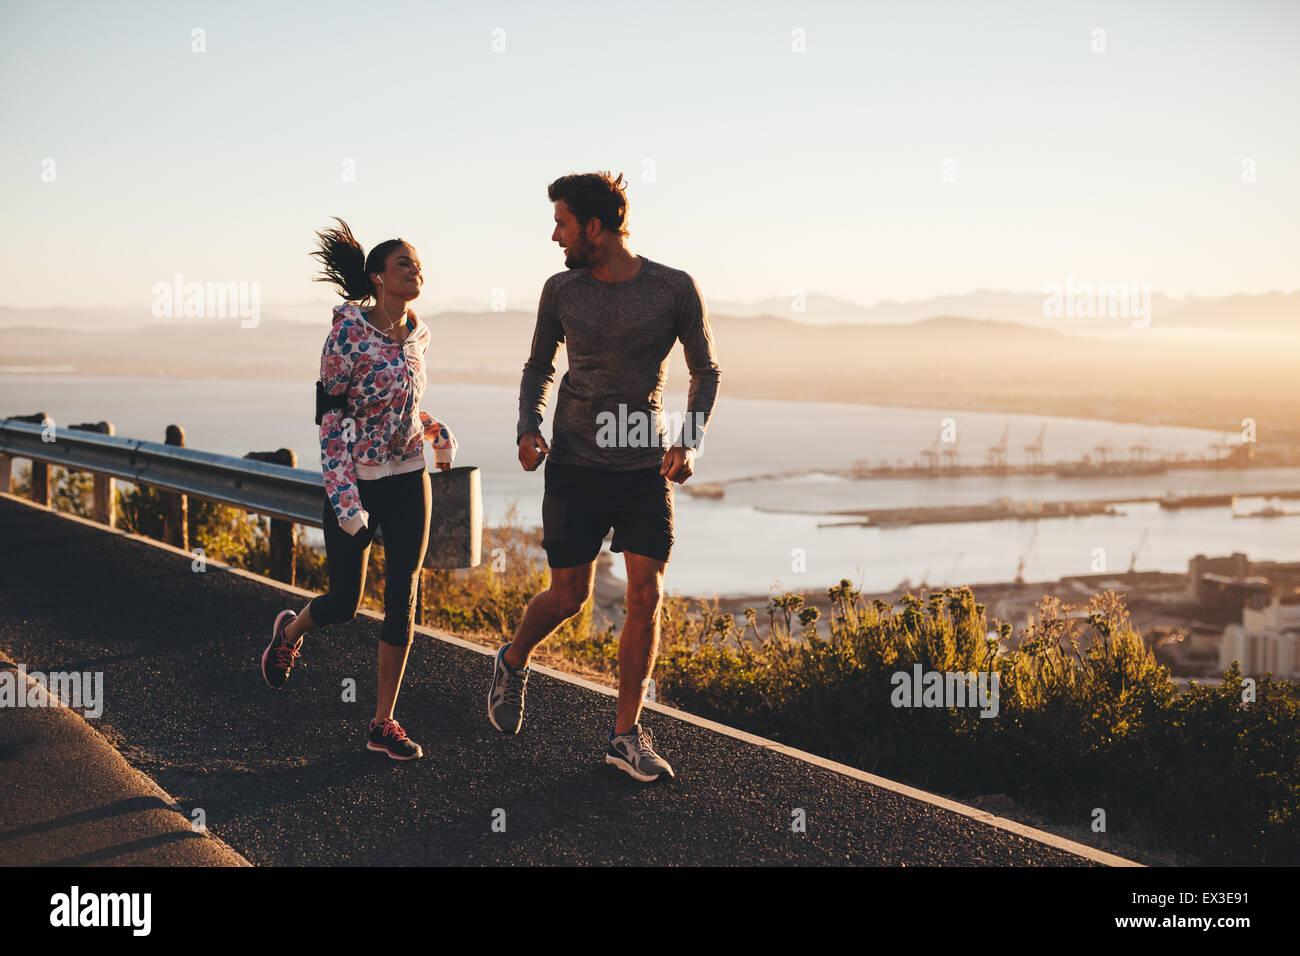 Tiré de deux personnes s'exécutant sur une route de campagne au matin. Young man and woman jogging Photo Stock